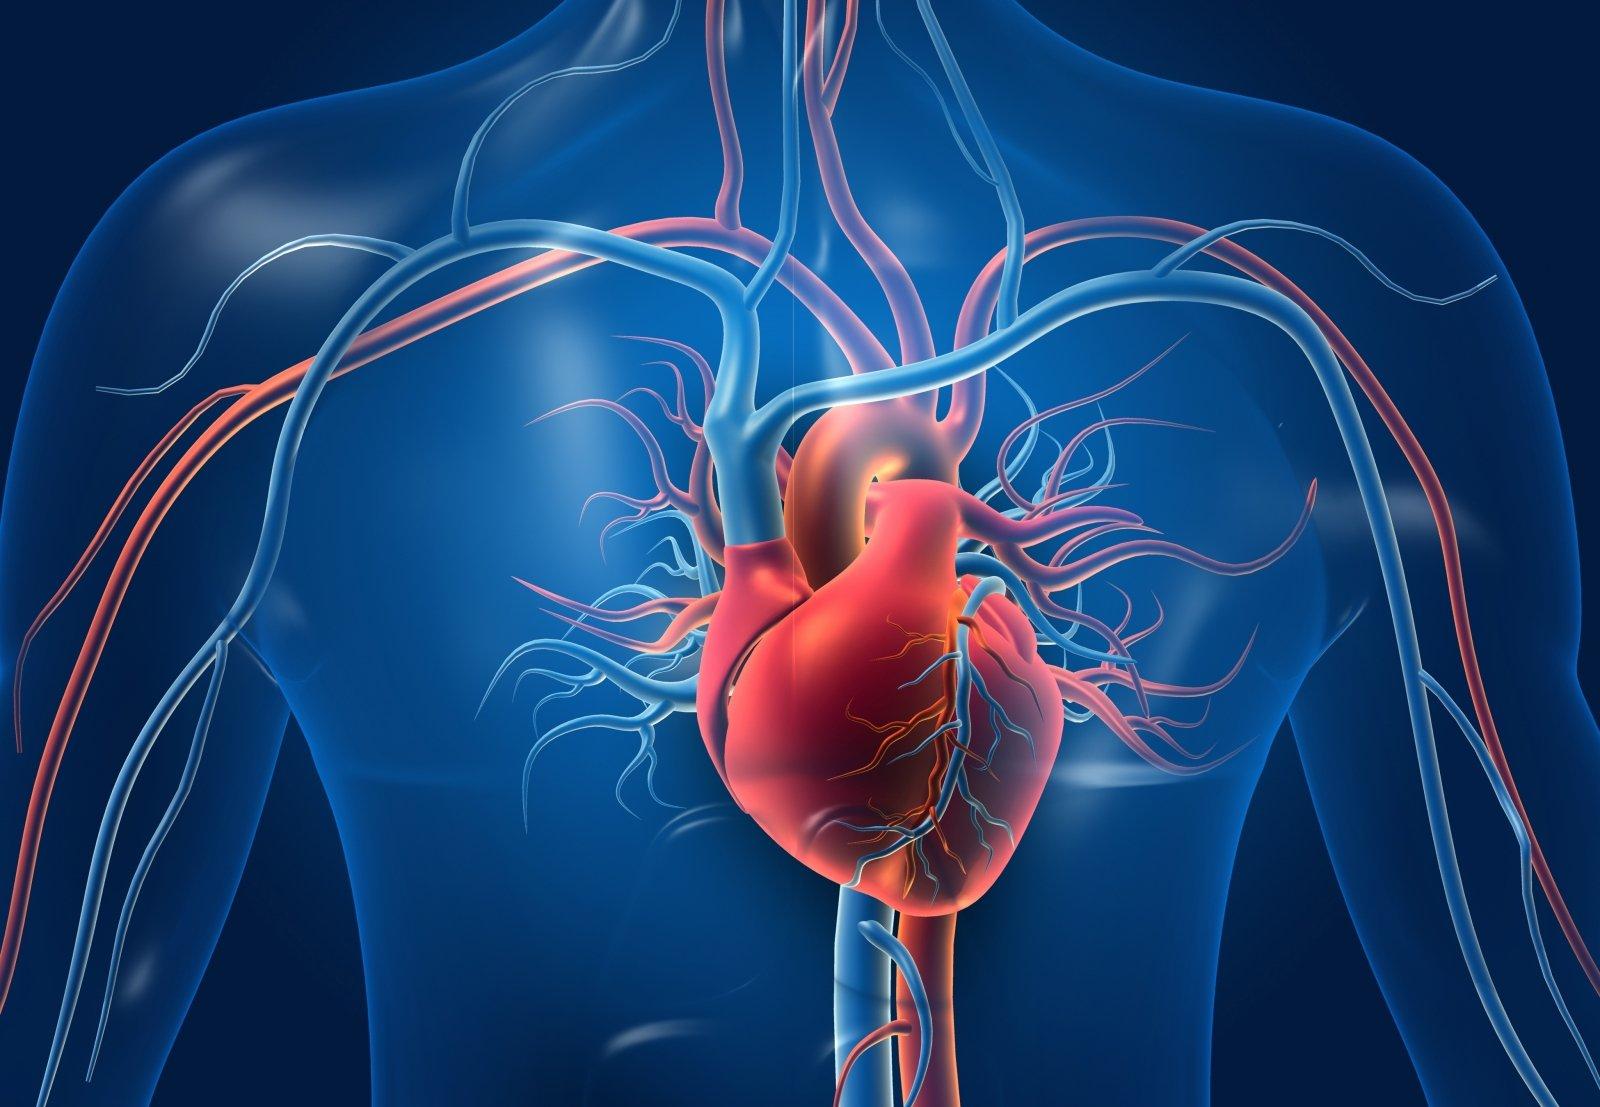 kaip palaikyti širdies sveikatą)